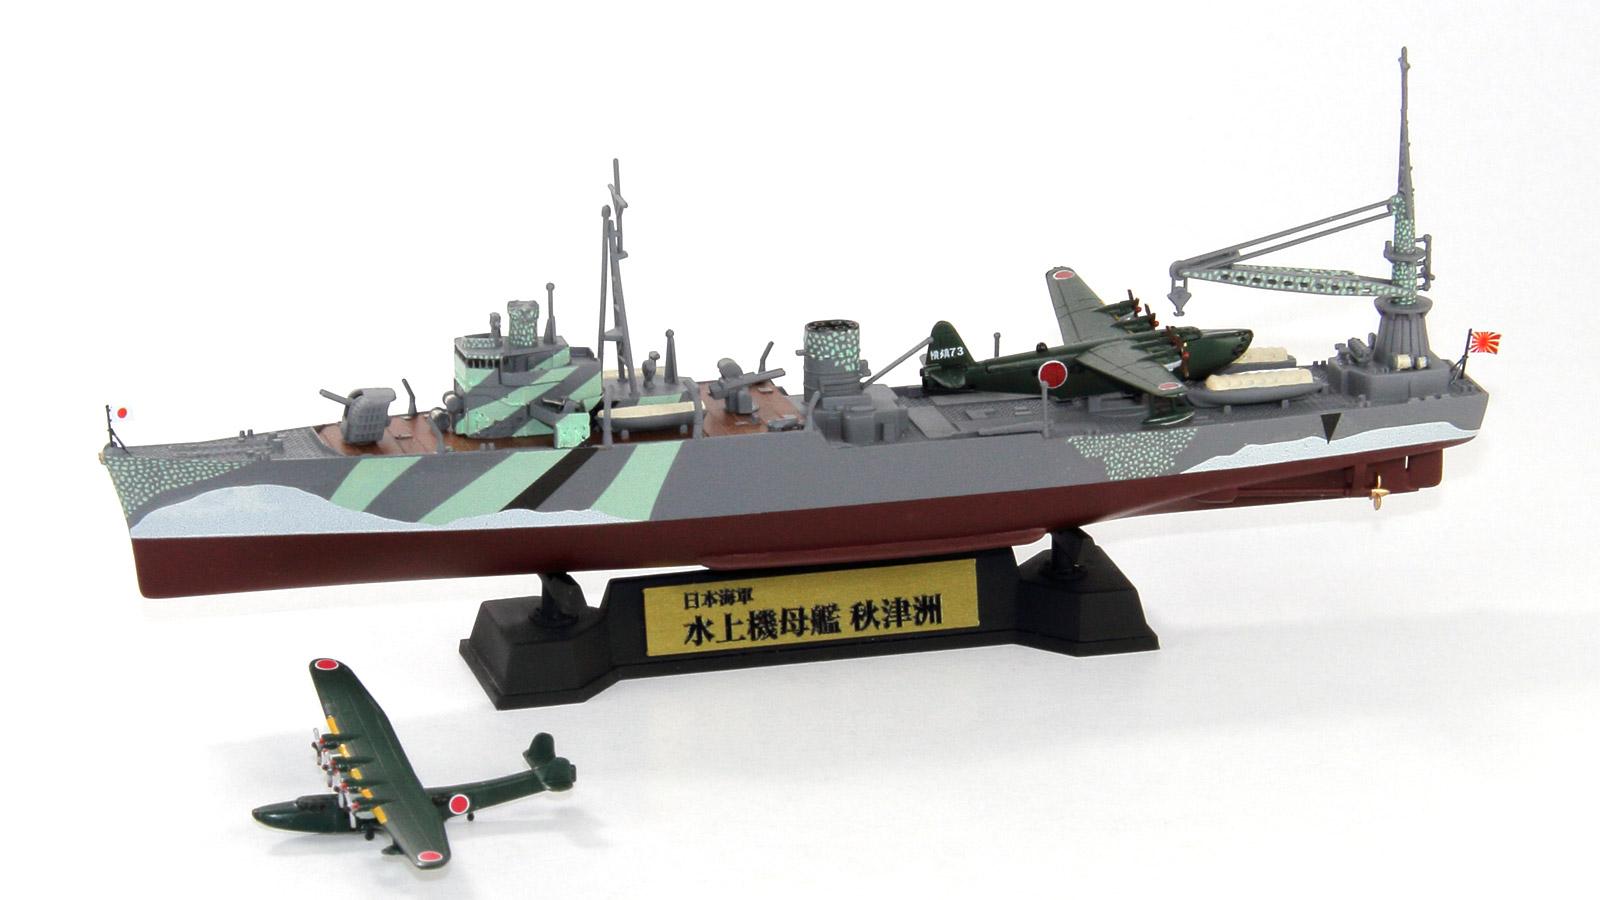 W203NH 1/700 日本海軍 水上機母艦 秋津洲 旗・艦名プレートエッチングパーツ付き